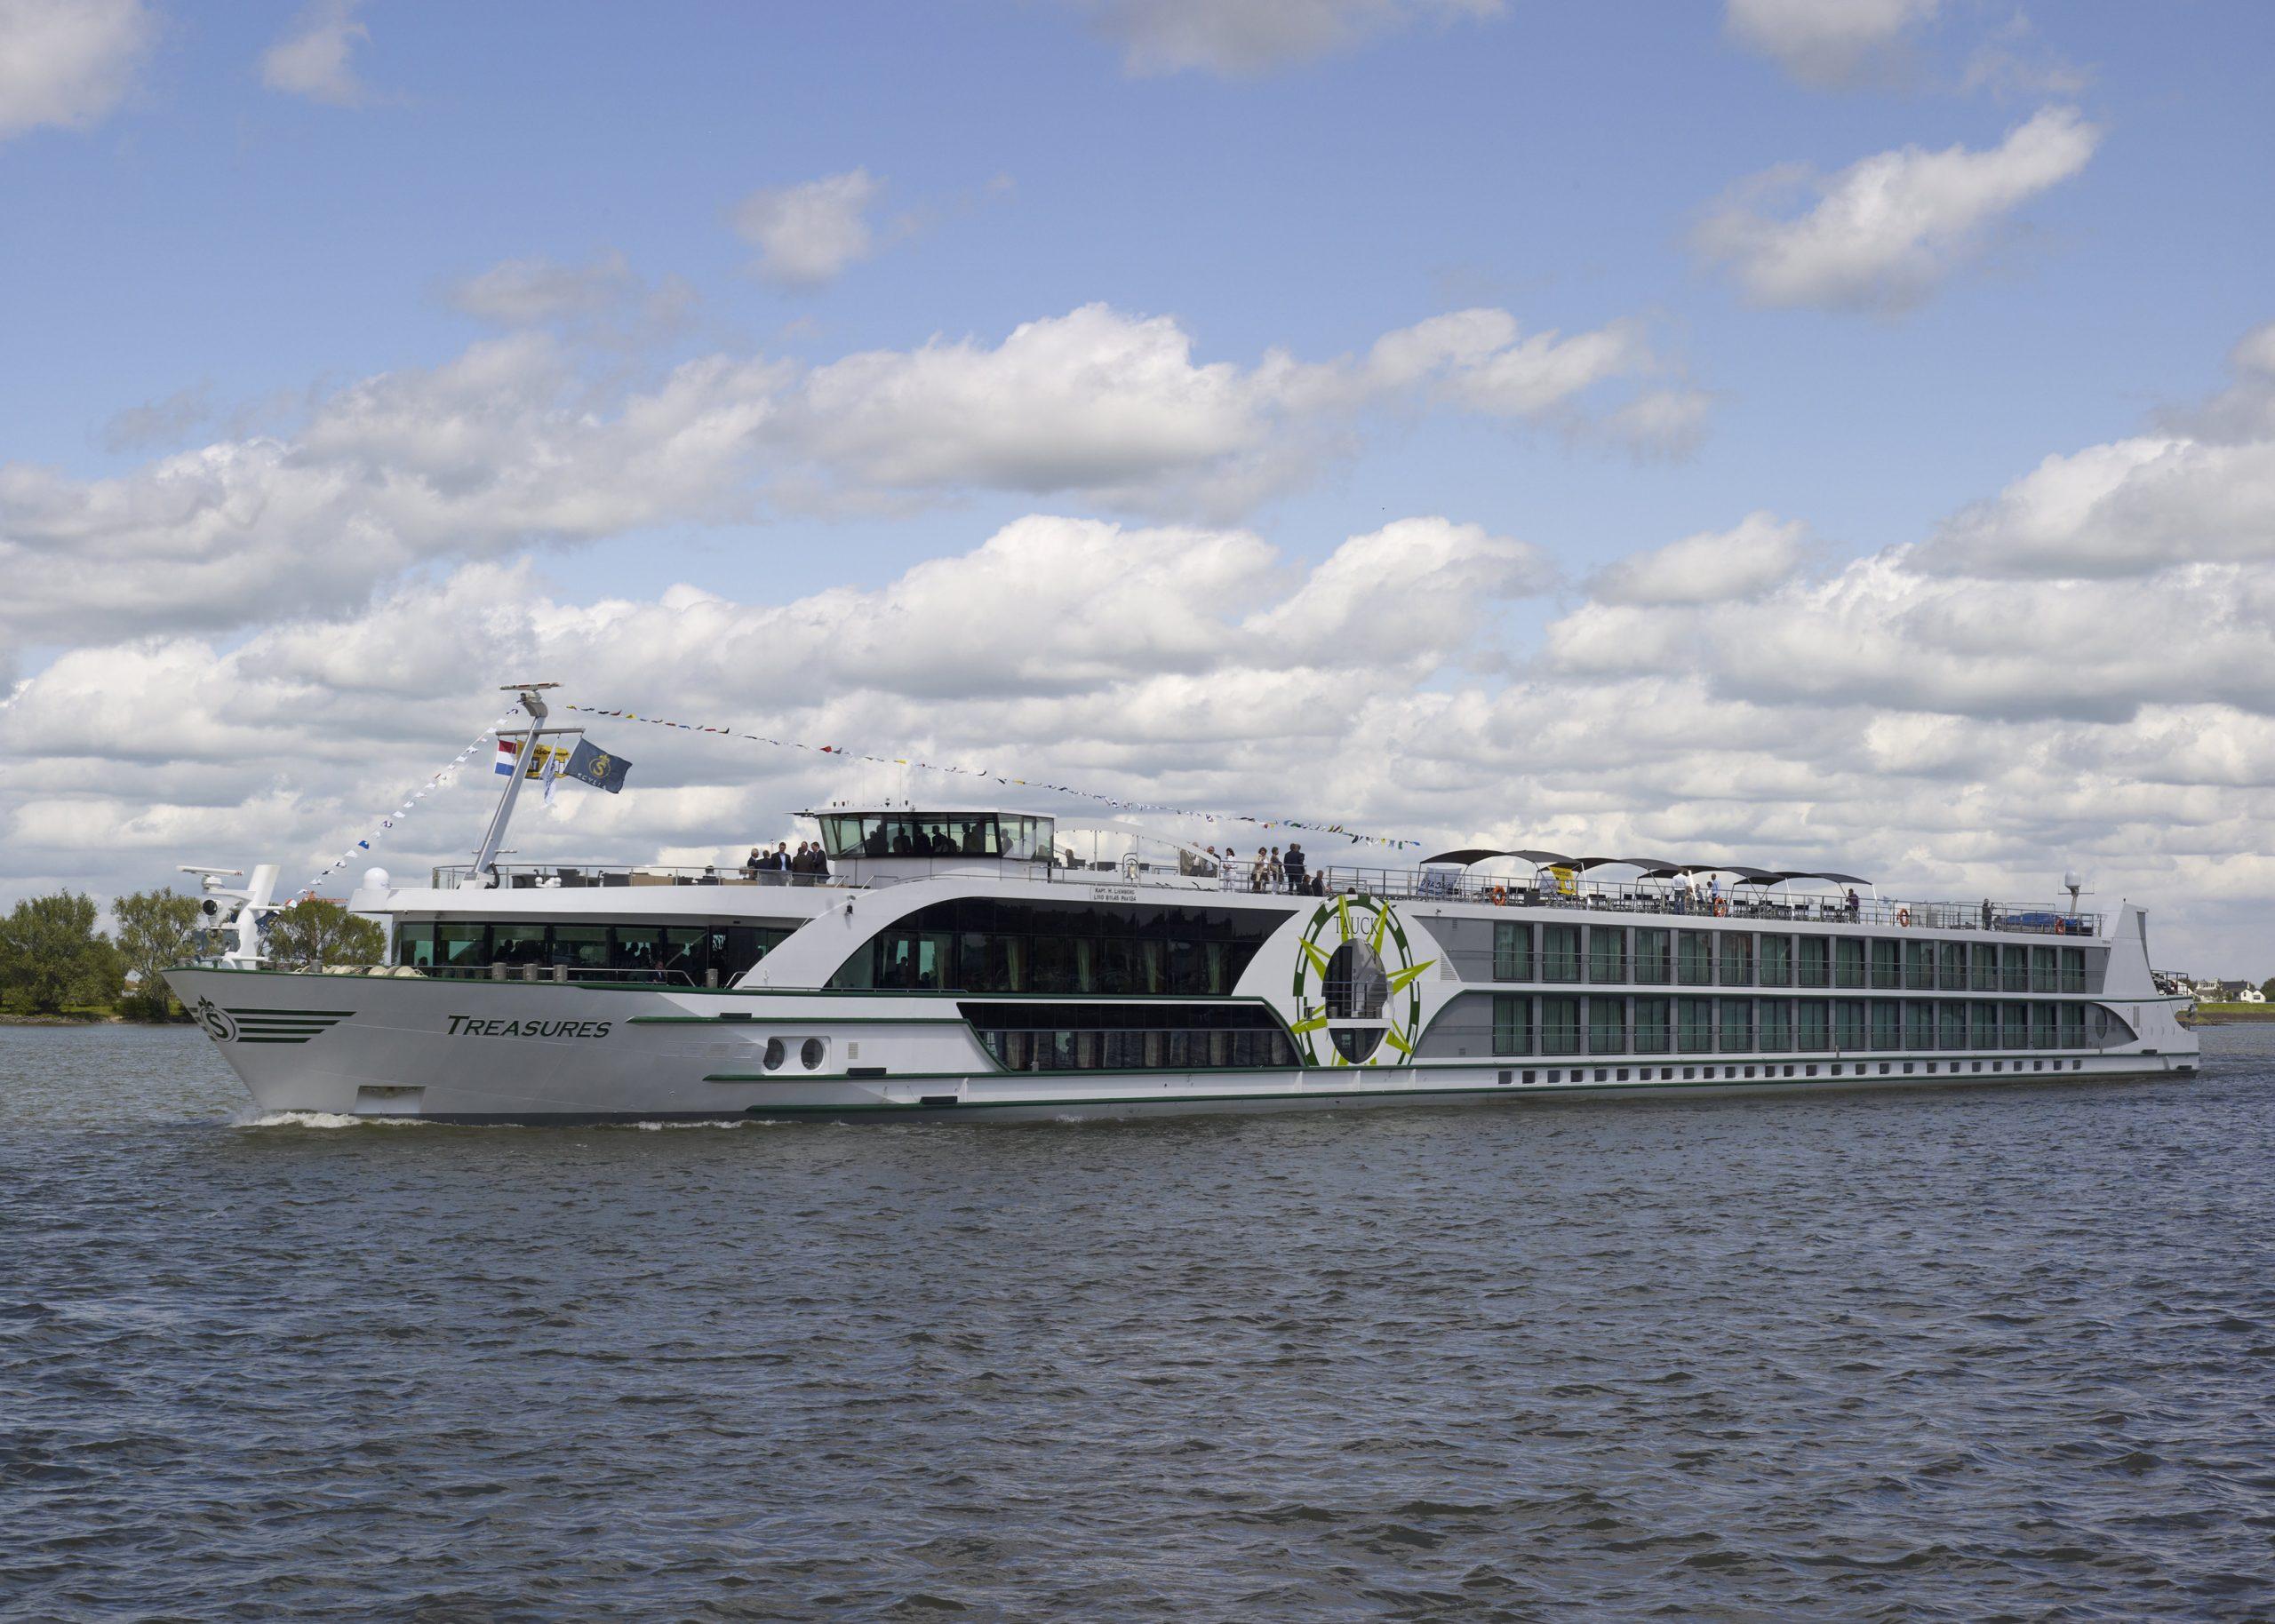 Erfreuliche Aussichten bei VIVA Cruises: Denn der Restart verlief so positiv, dass der Flussreiseveranstalter sein Angebot für 2021 ausbaut